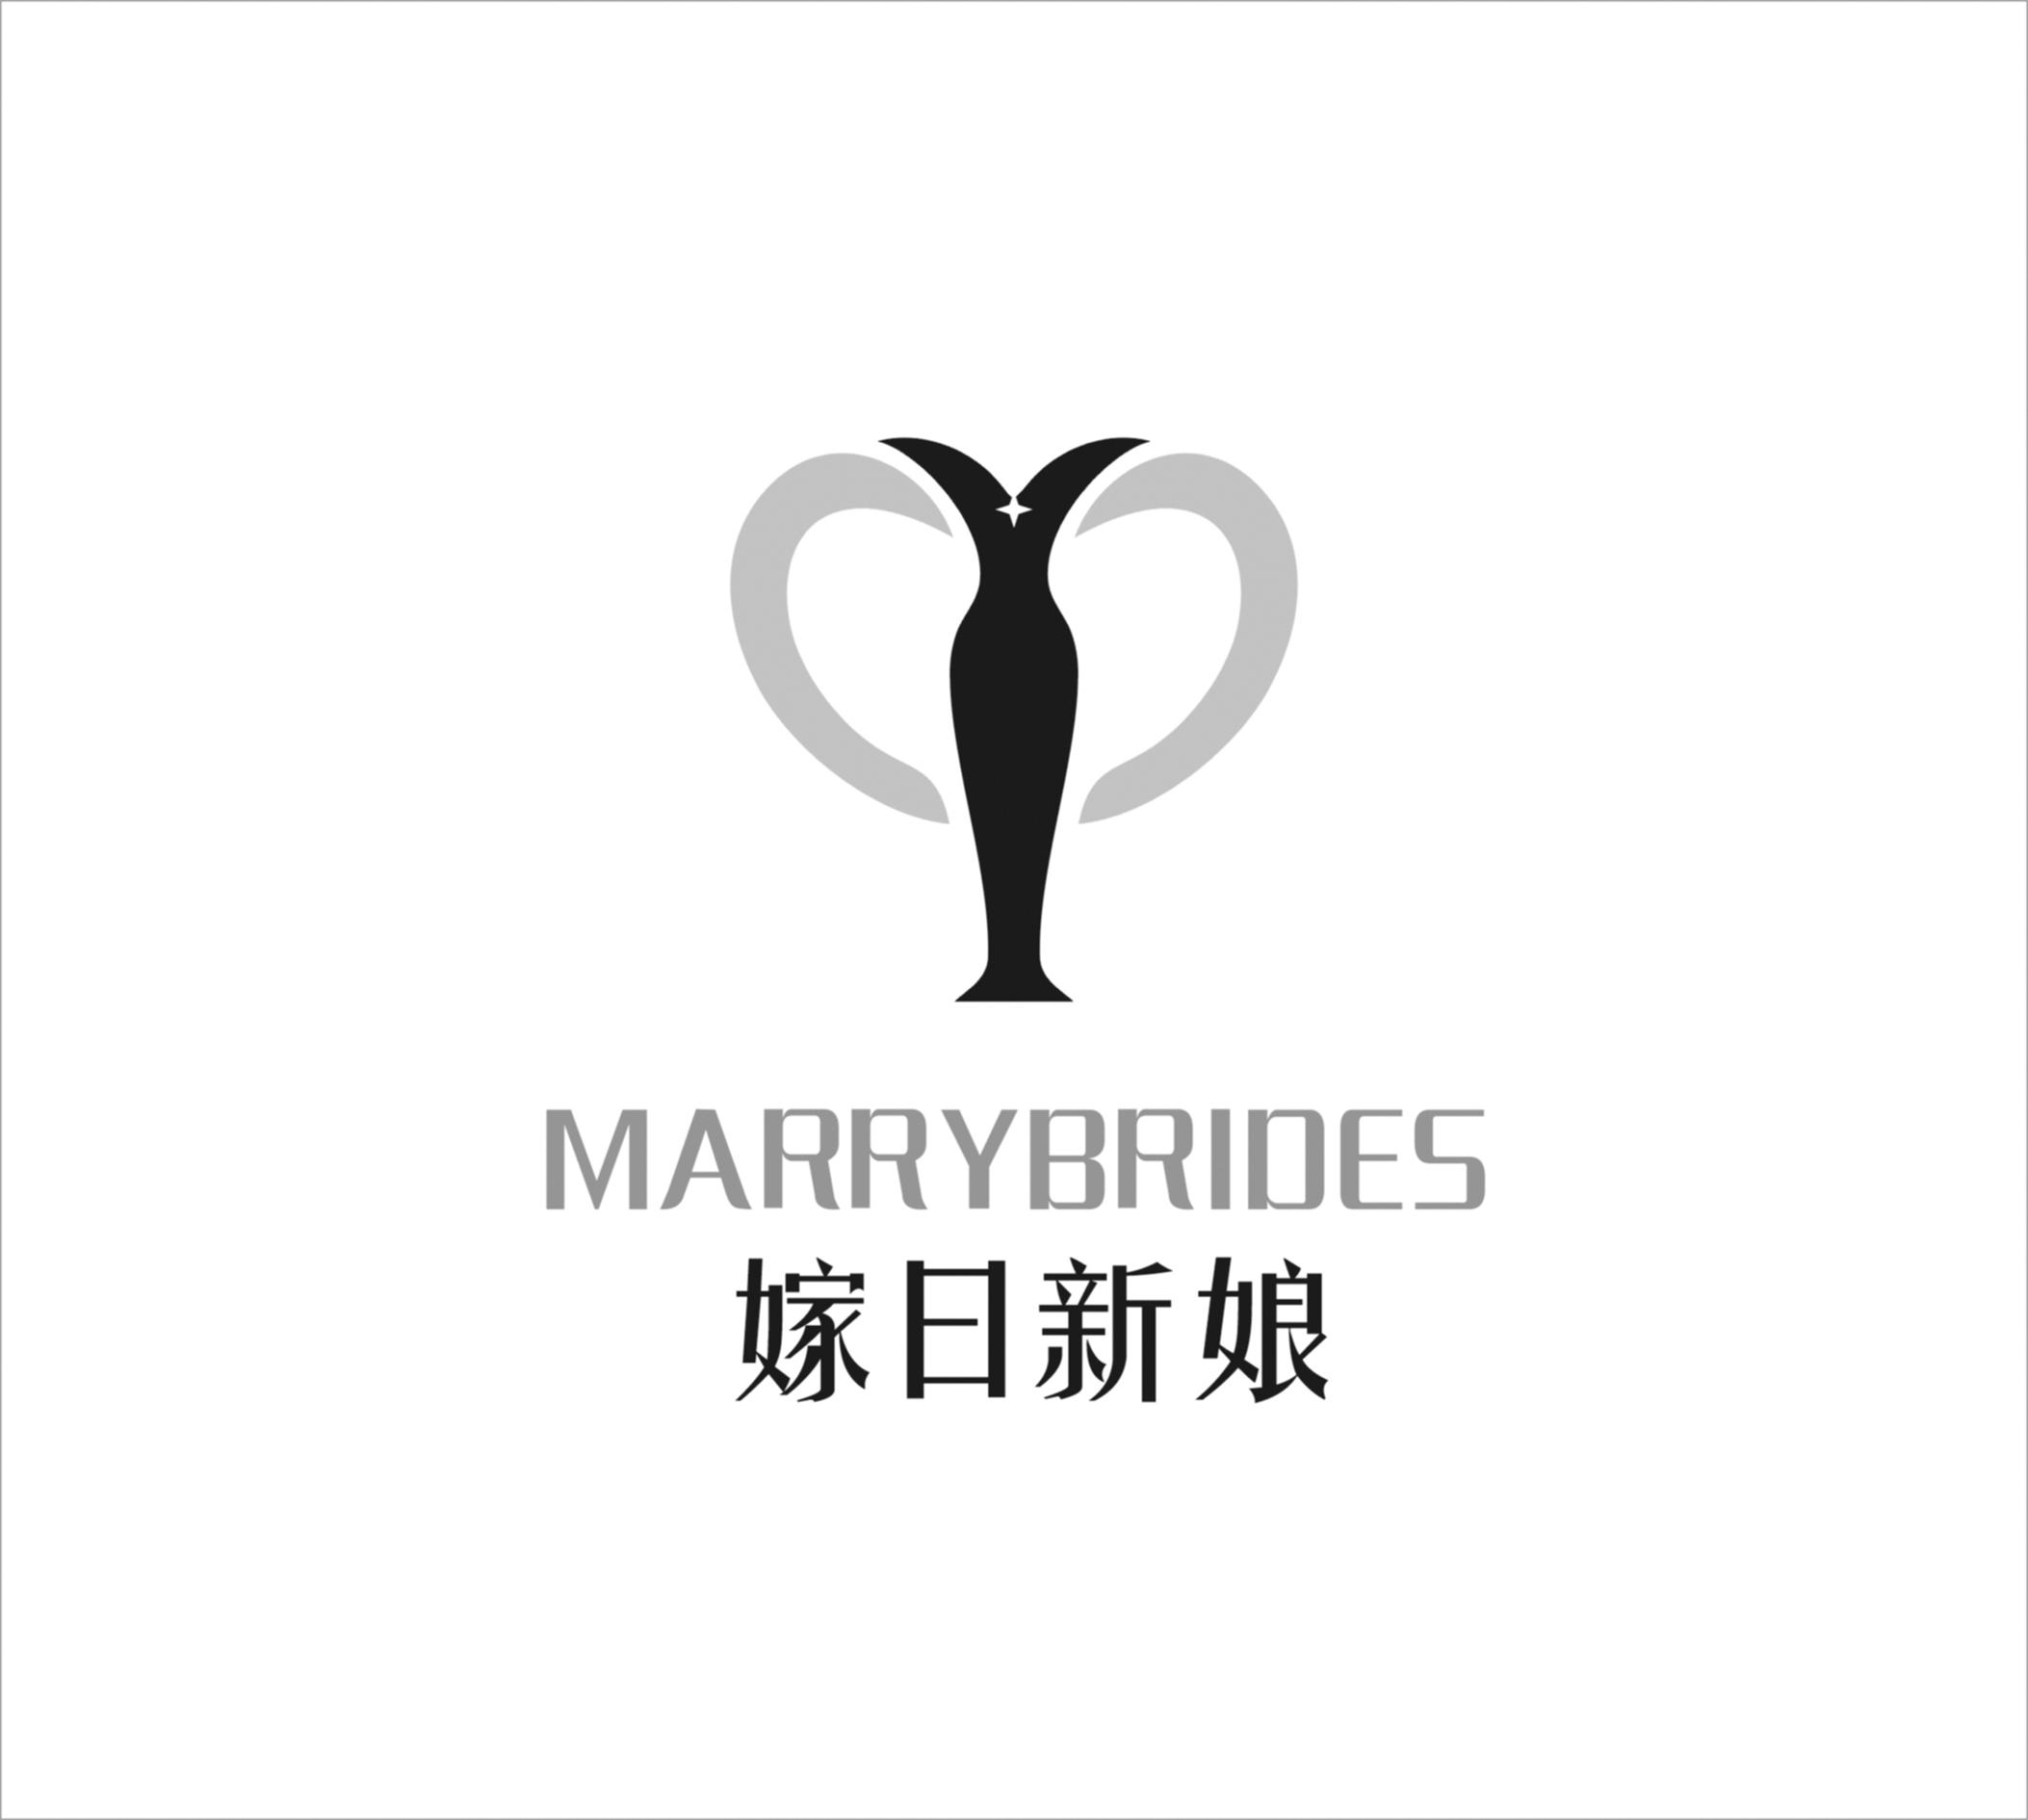 服装服饰品牌logo设计